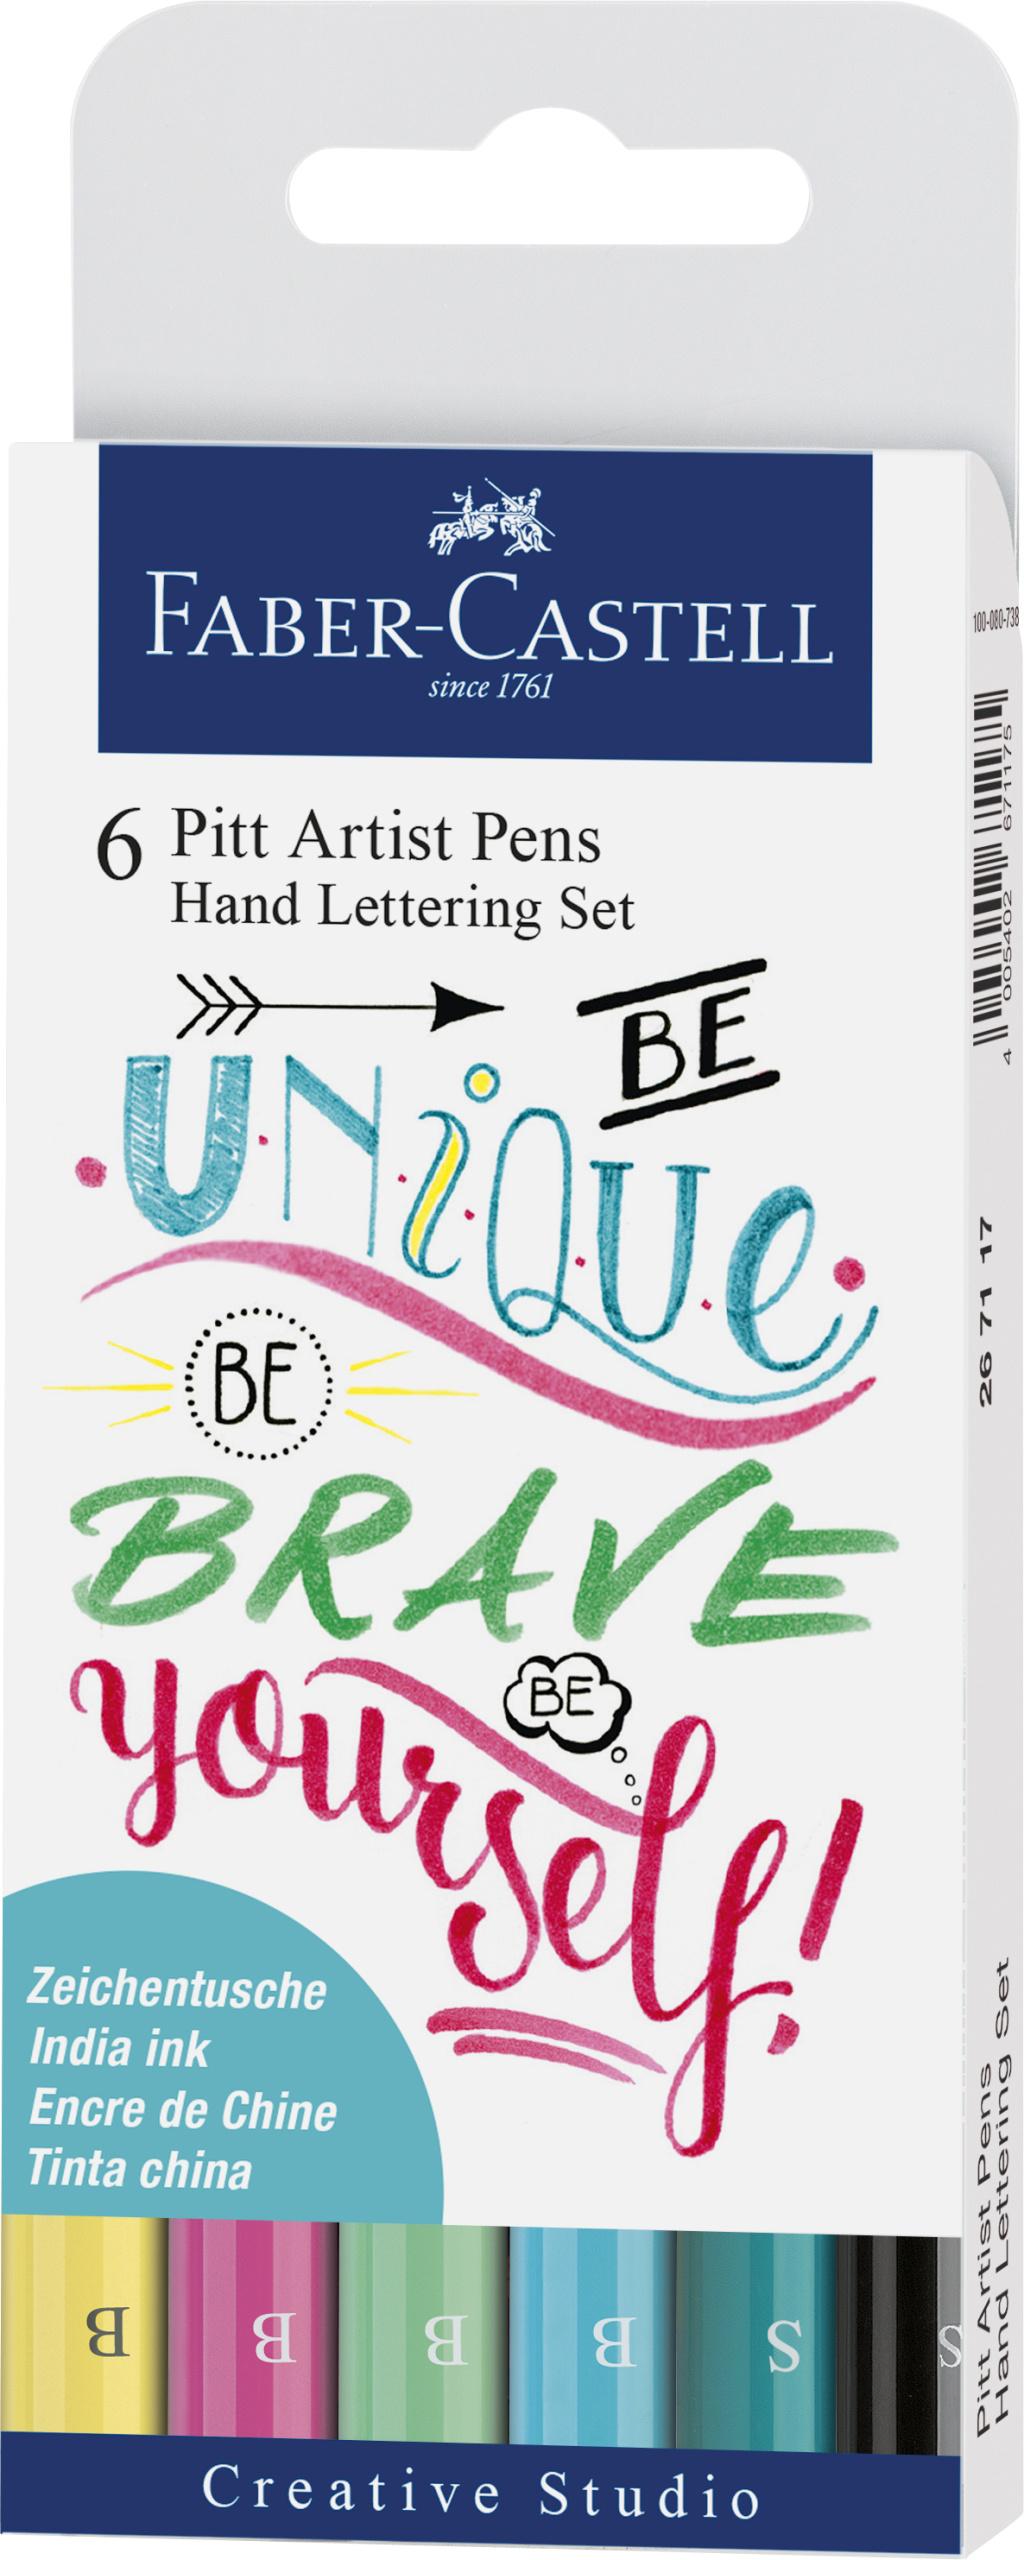 Farber-Castell Pitt Artist Pen Handlettering 6er Etui, Pastelltöne #Lettering